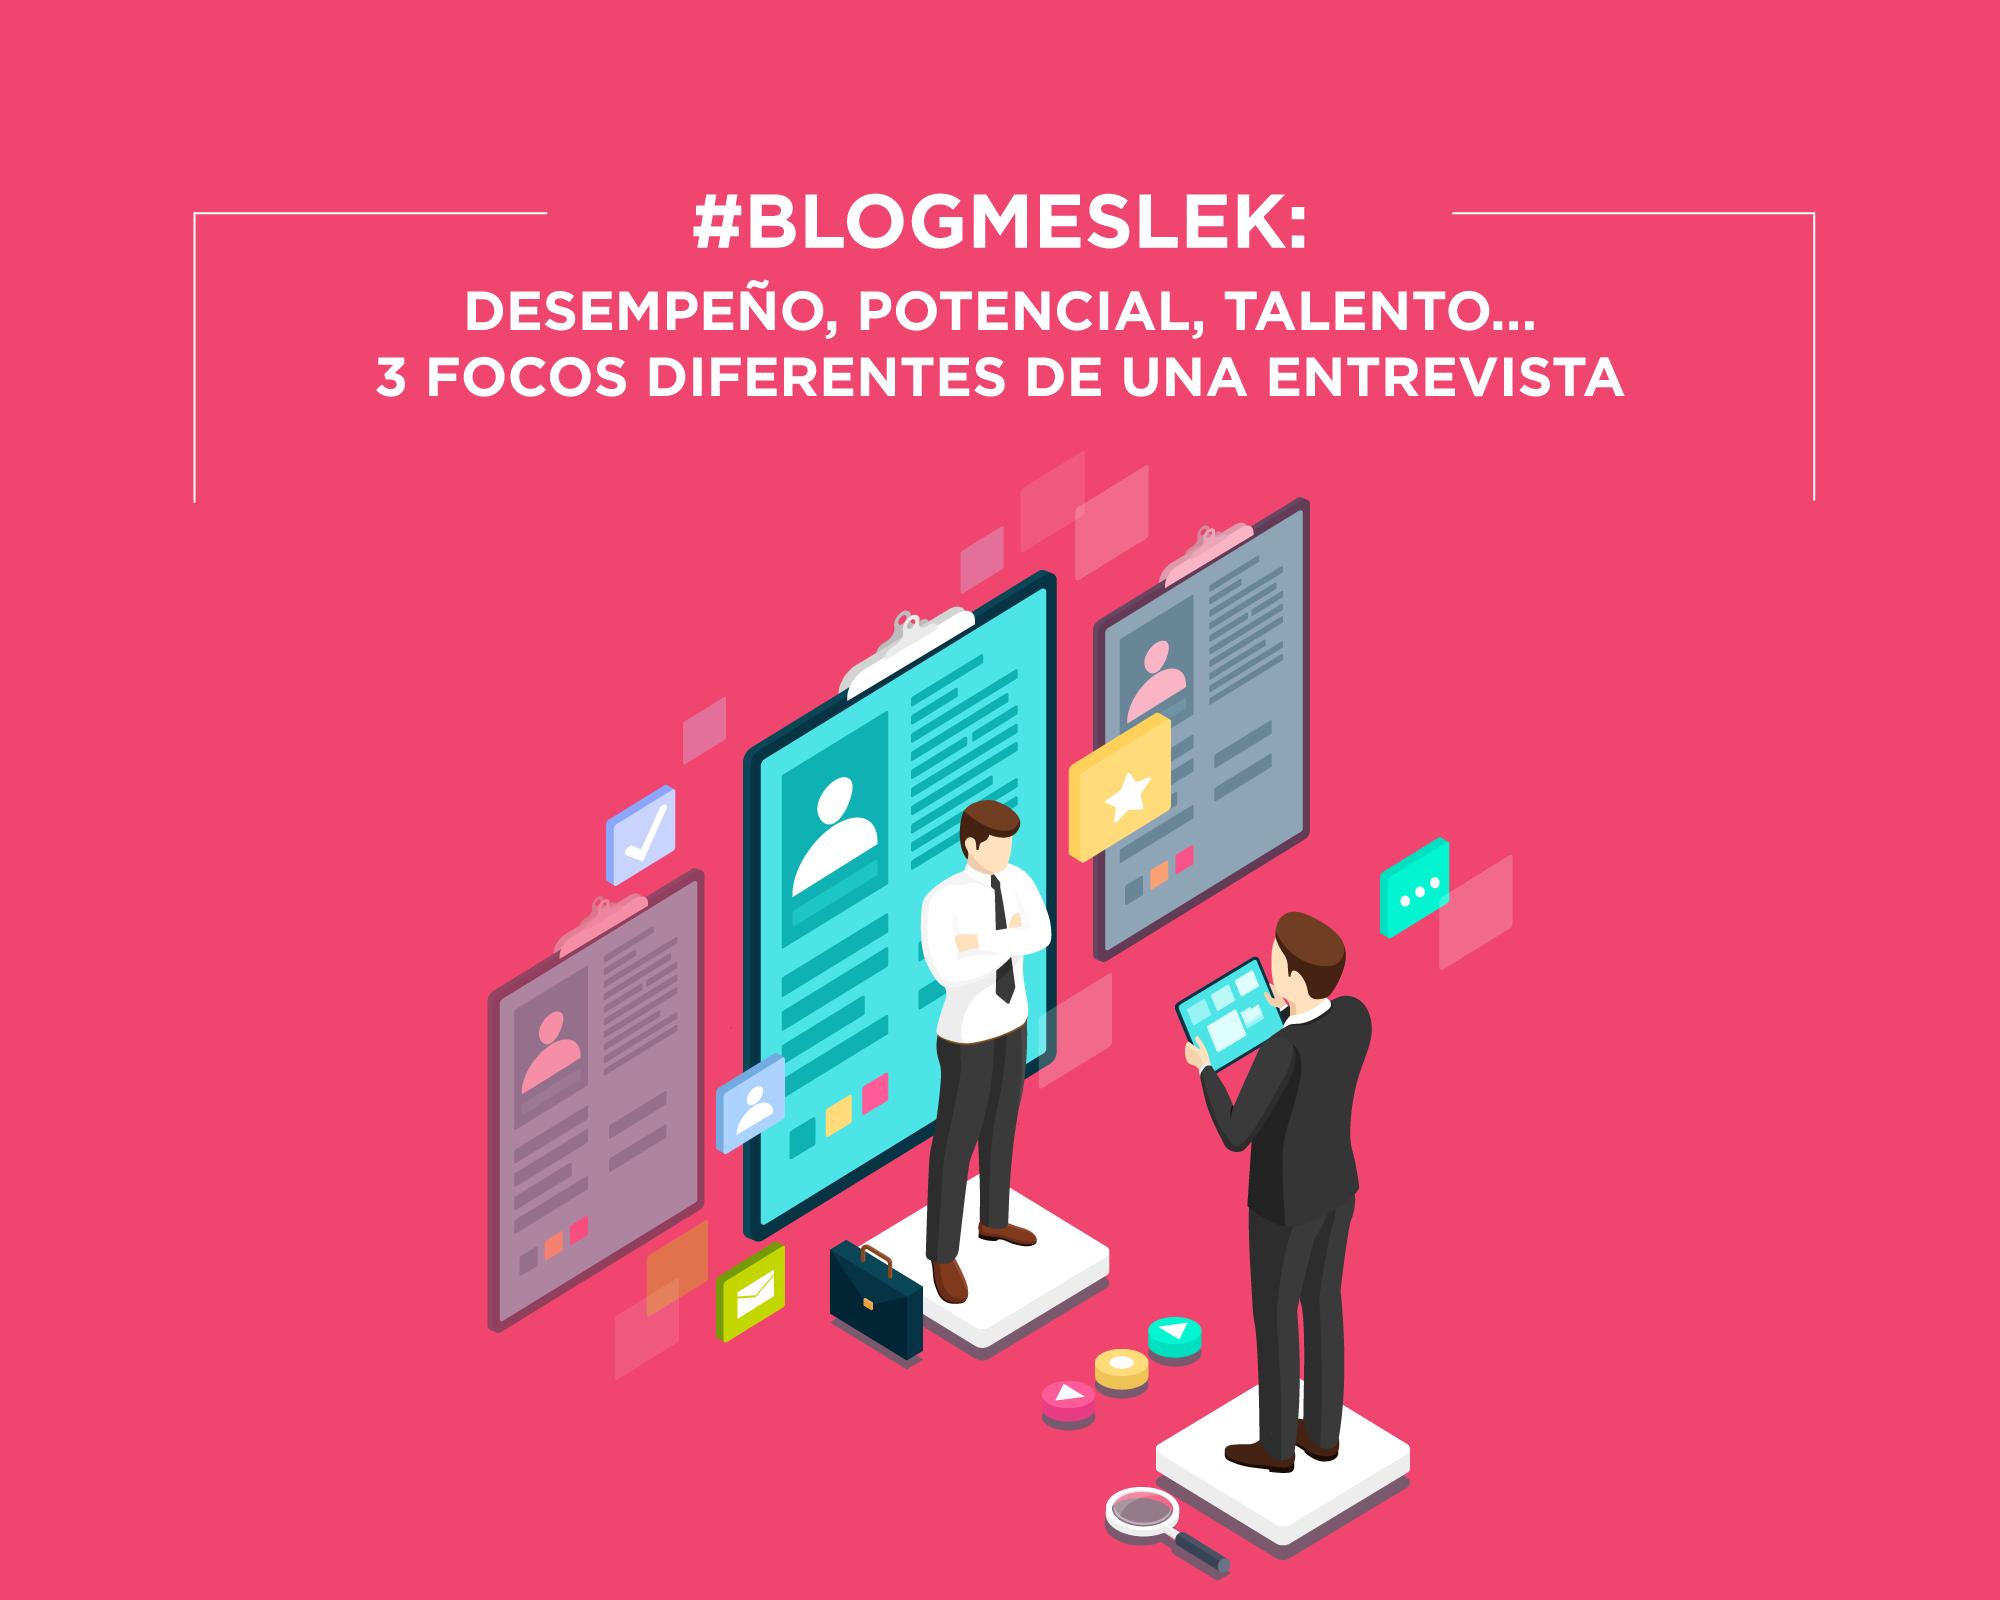 #MartesDeBlog: Desempeño, potencial, talento… 3 focos diferentes de una entrevista